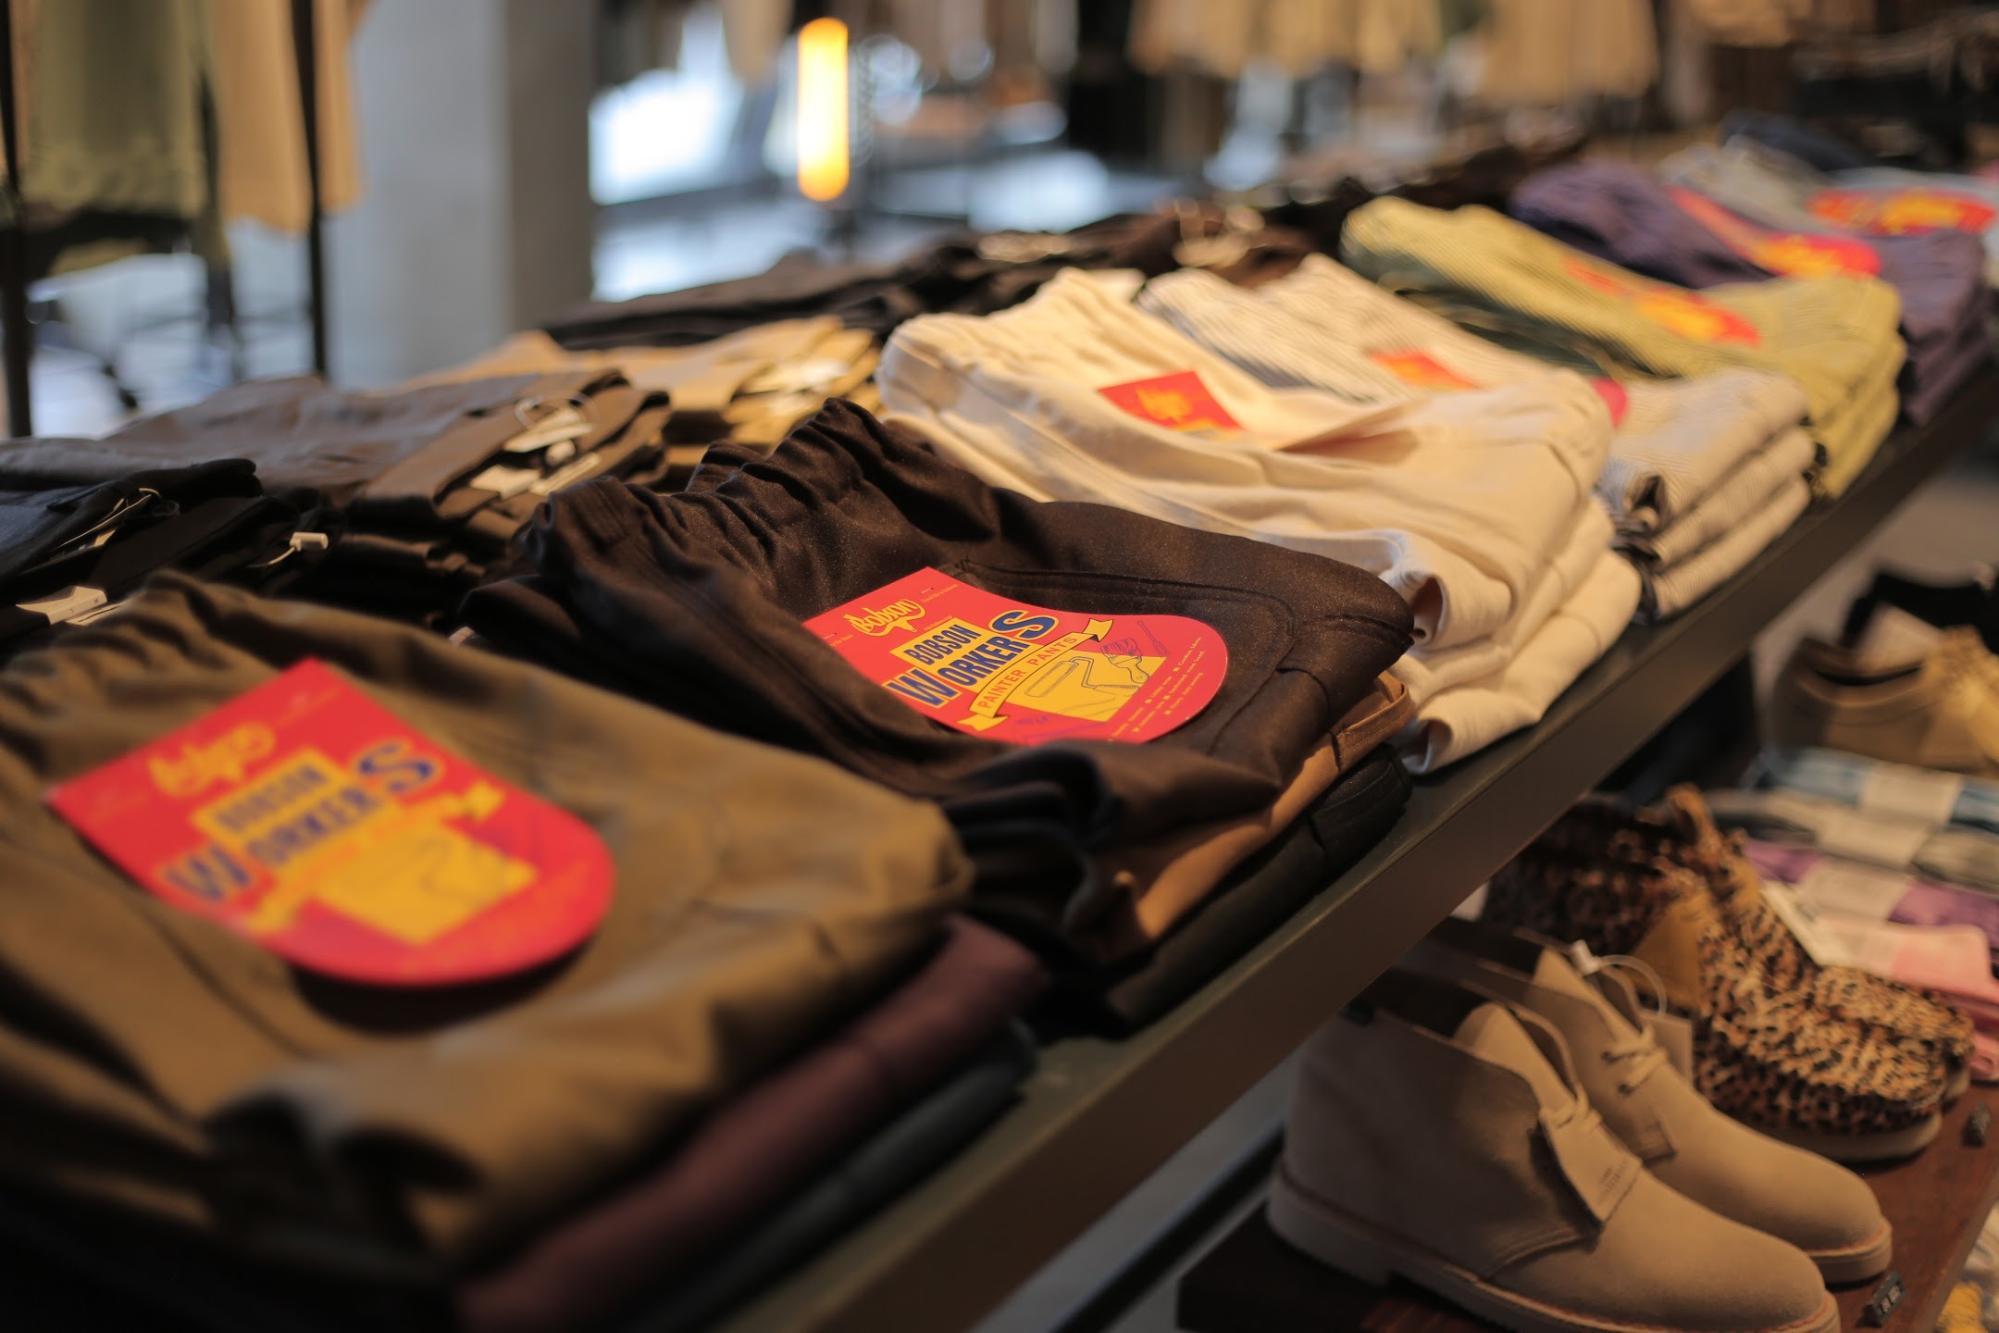 【ジャーナルスタンダード×ボブソン】伝統と時代をミックスした、自由を表現するジーンズを展開